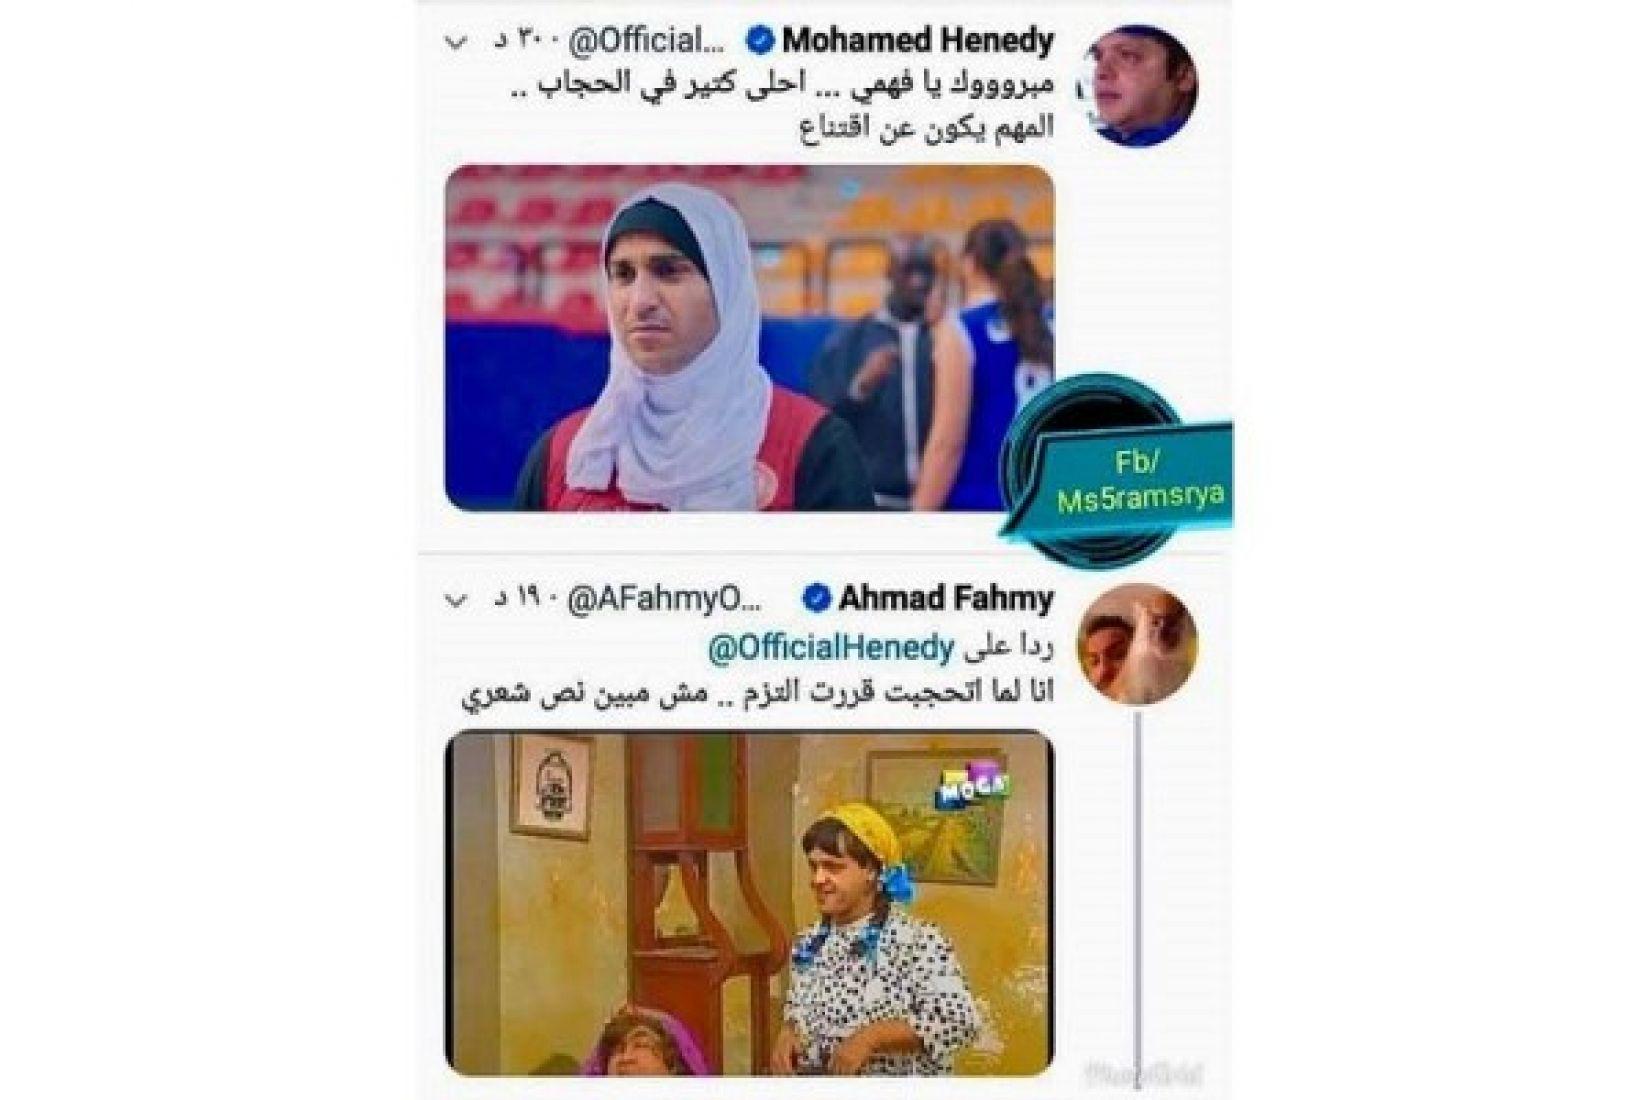 سخرية محمد هنيدي من احمد فهمي بسبب مسلسله الاخير